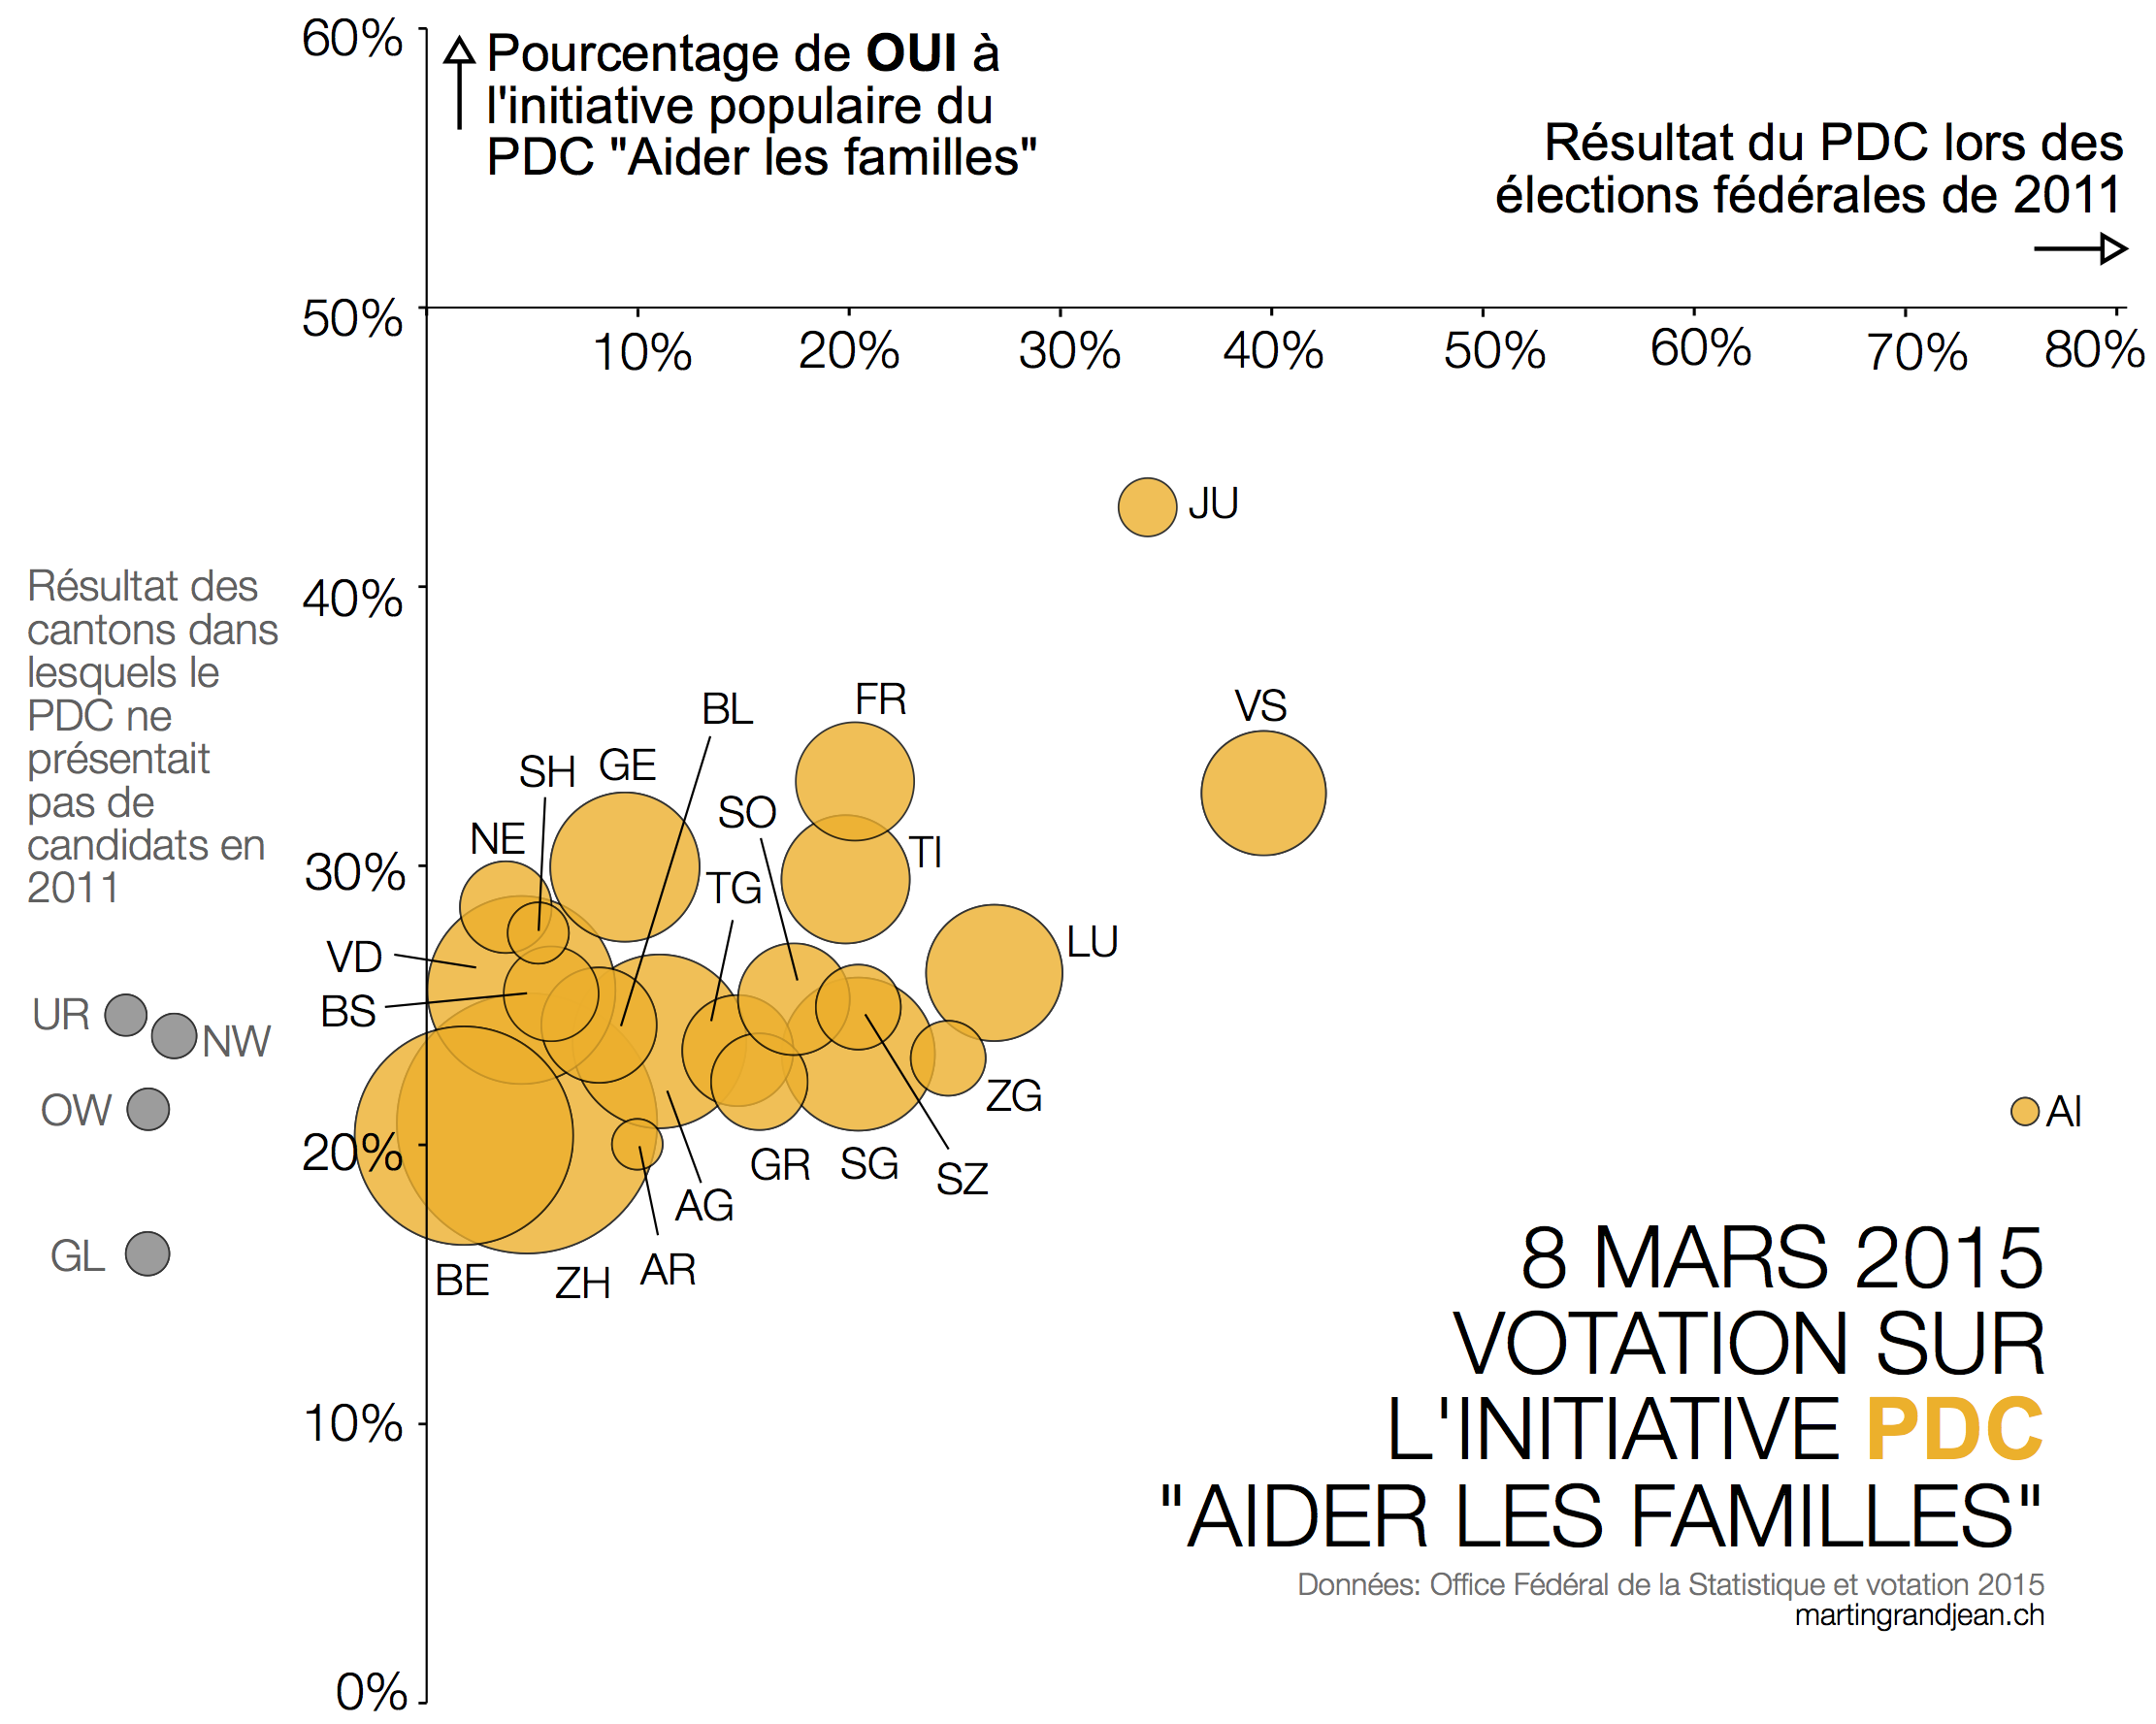 Familles votation 8 mars 2015